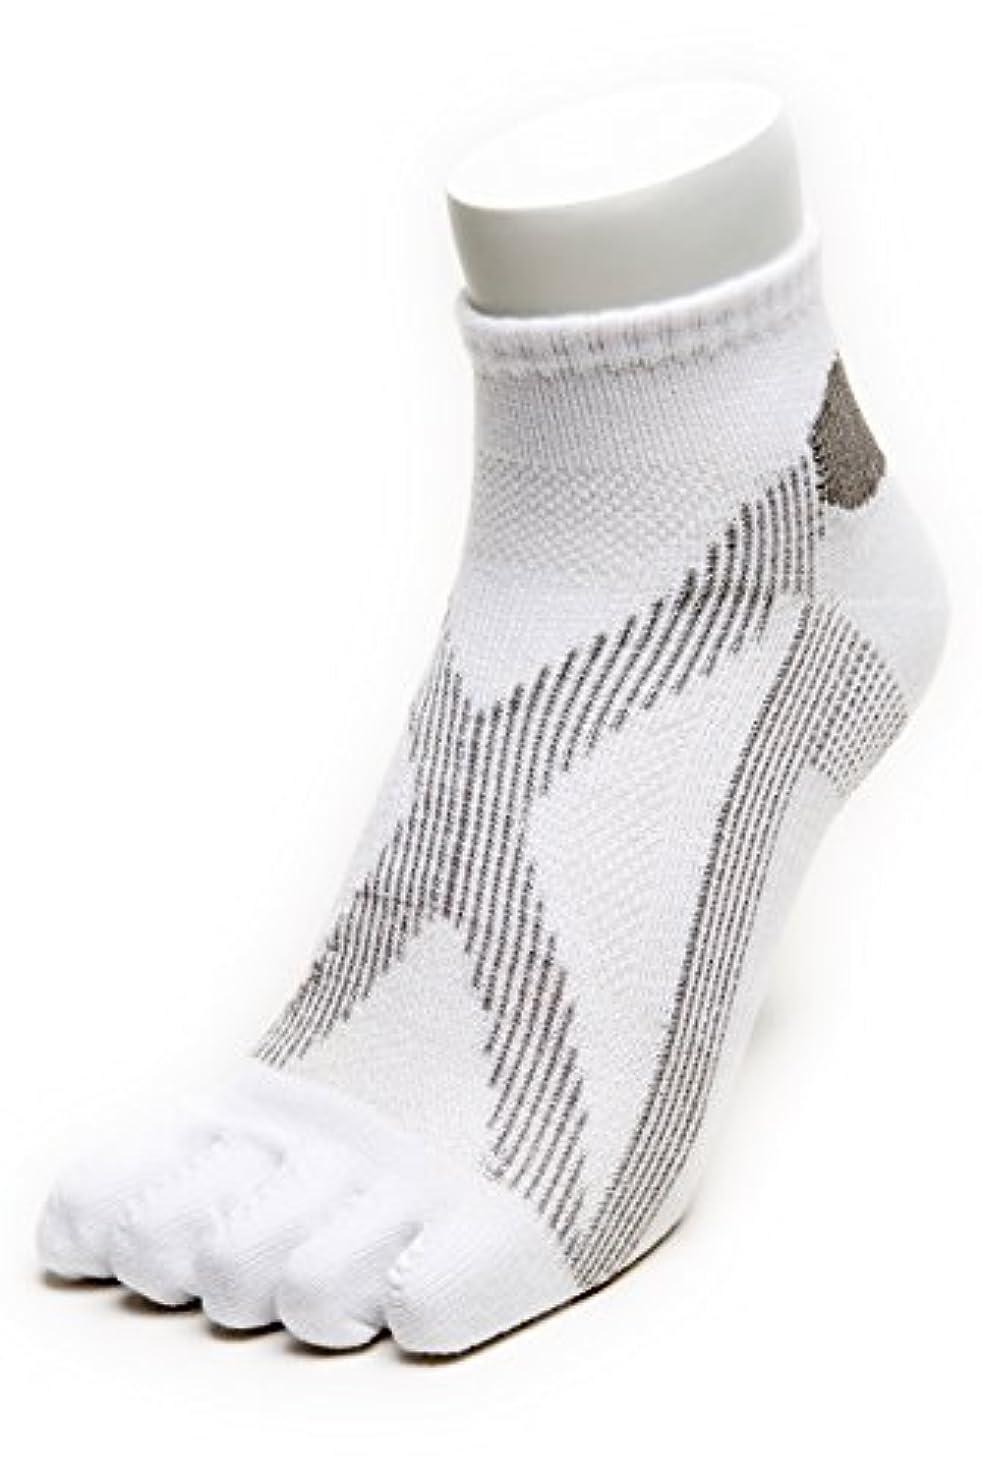 変更適格平手打ちAIRエアーバリエ 5本指ソックス (25~27㎝?ホワイト)テーピング ソックス 歩きやすく疲れにくい靴下 【エコノレッグ】【メンズ 靴下】 (ホワイト)